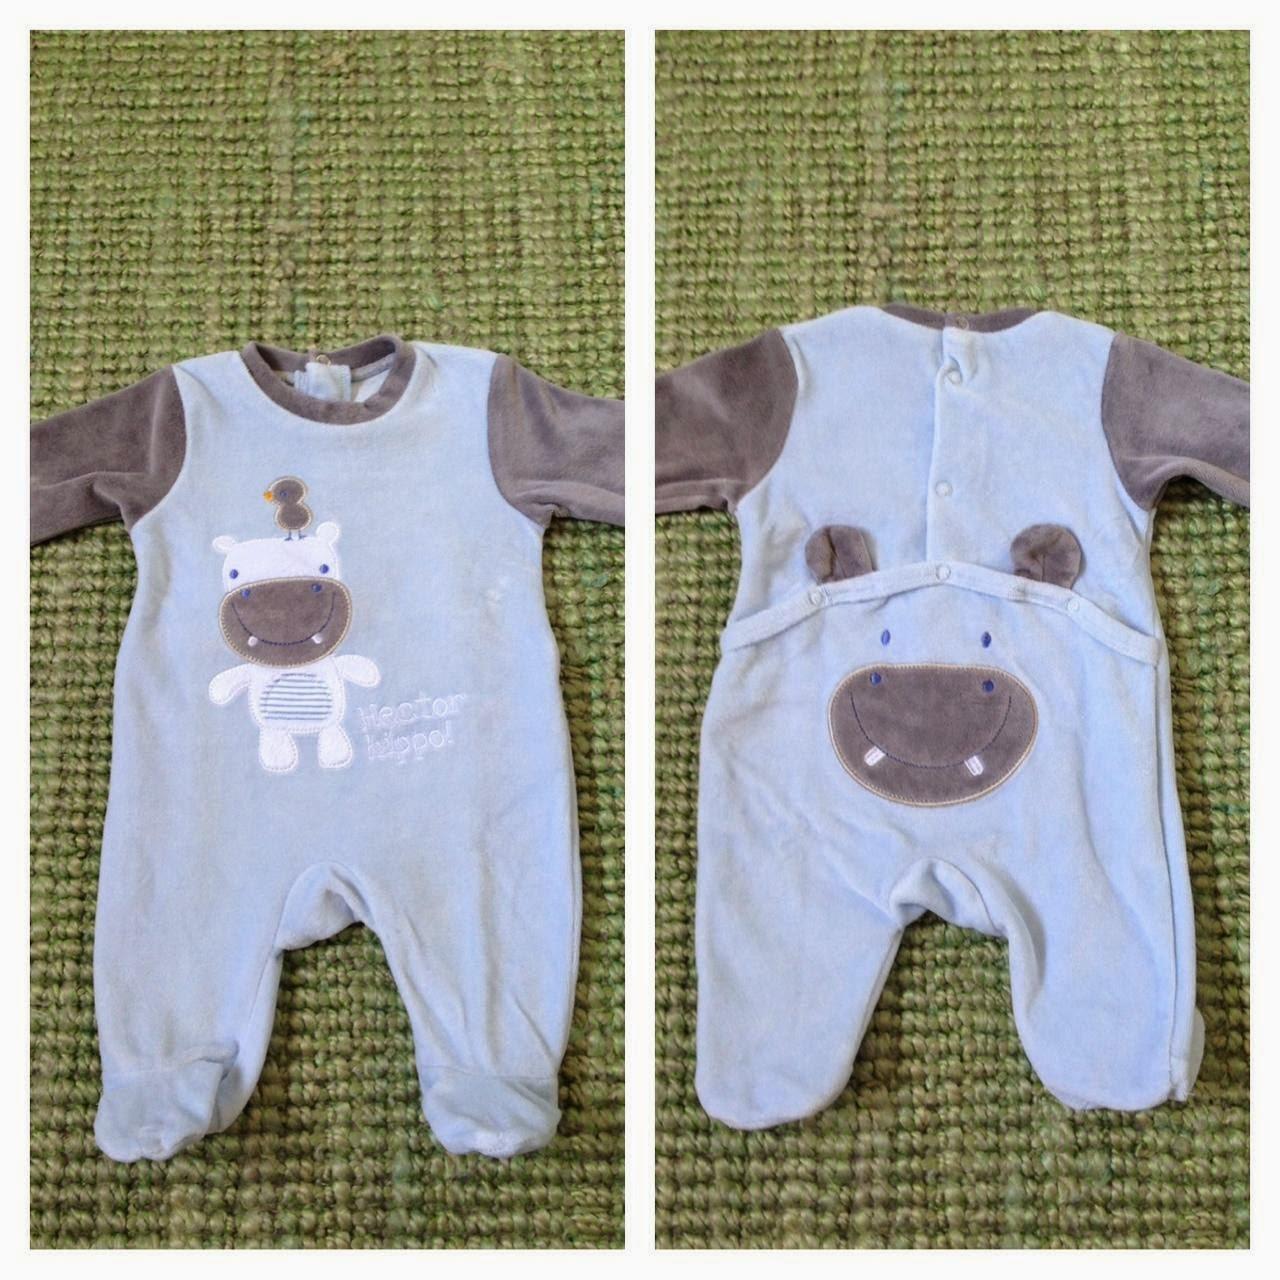 d9b719d6c Mamá sin cobertura  Pijamas para bebés... ¿Cual elegir